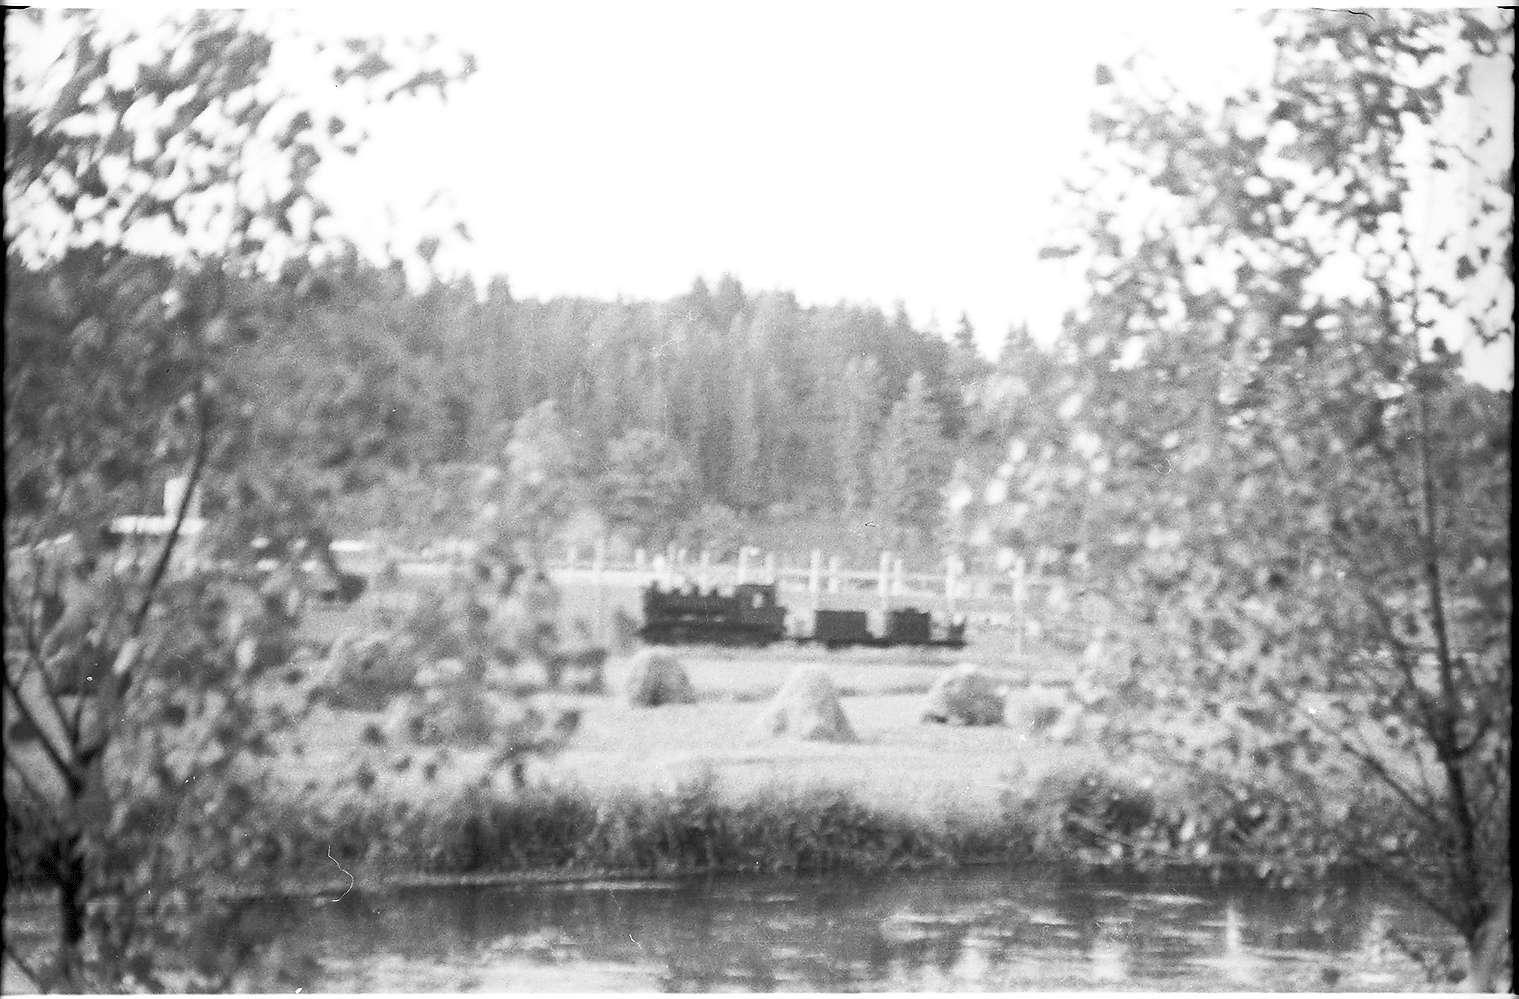 Spritzzug Lok 141, Strecke Veringenstadt - Hermentingen, Bild 1